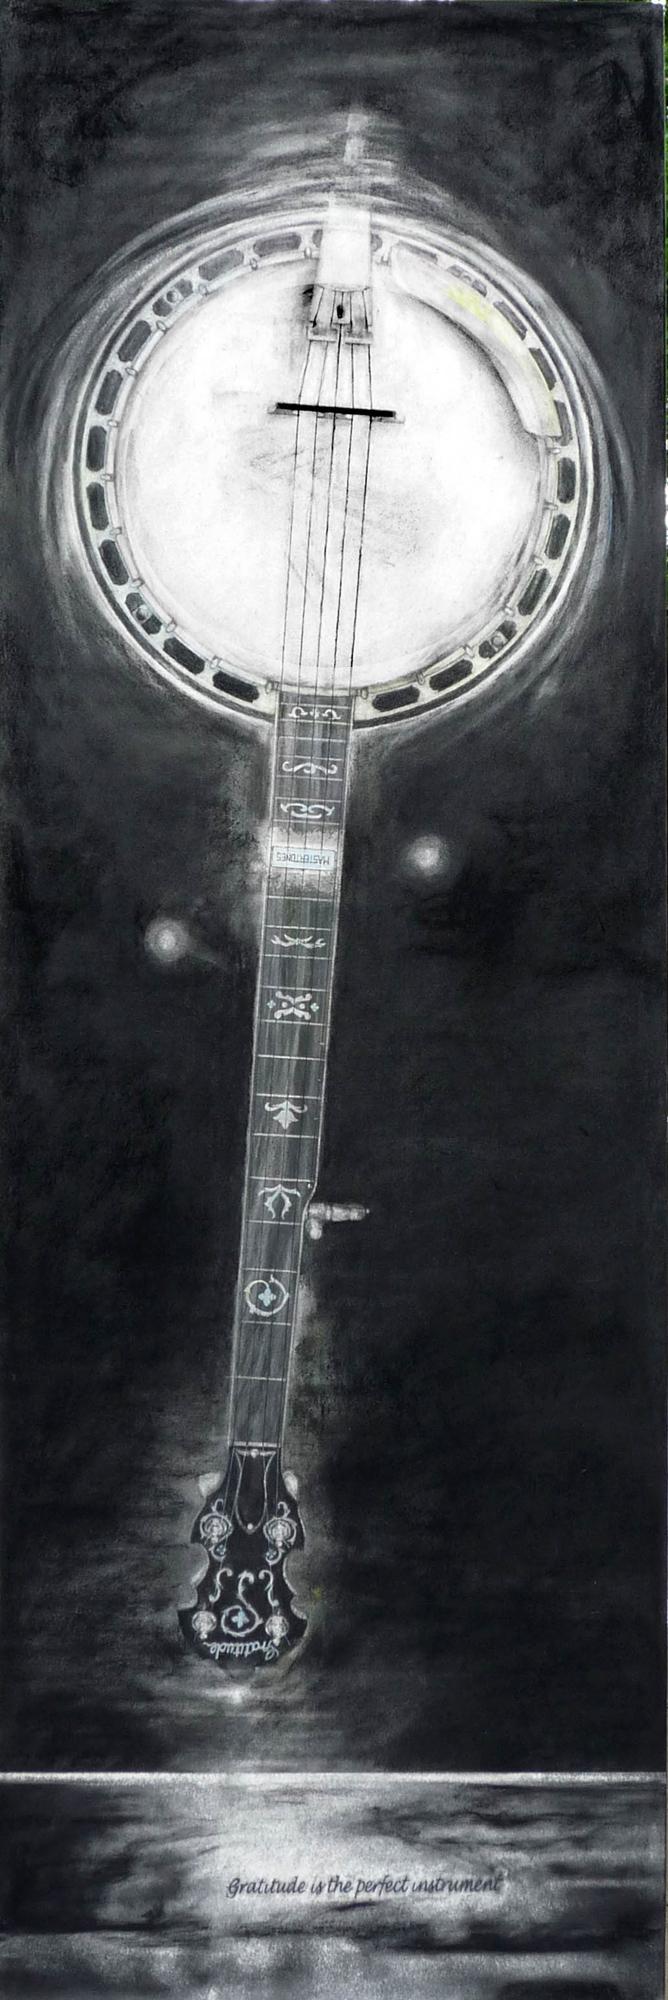 """BANJO MOON     24"""" x 72"""" — Charcoal on paper mounted on archival board, framed in plexiglas box.    $4500.00"""